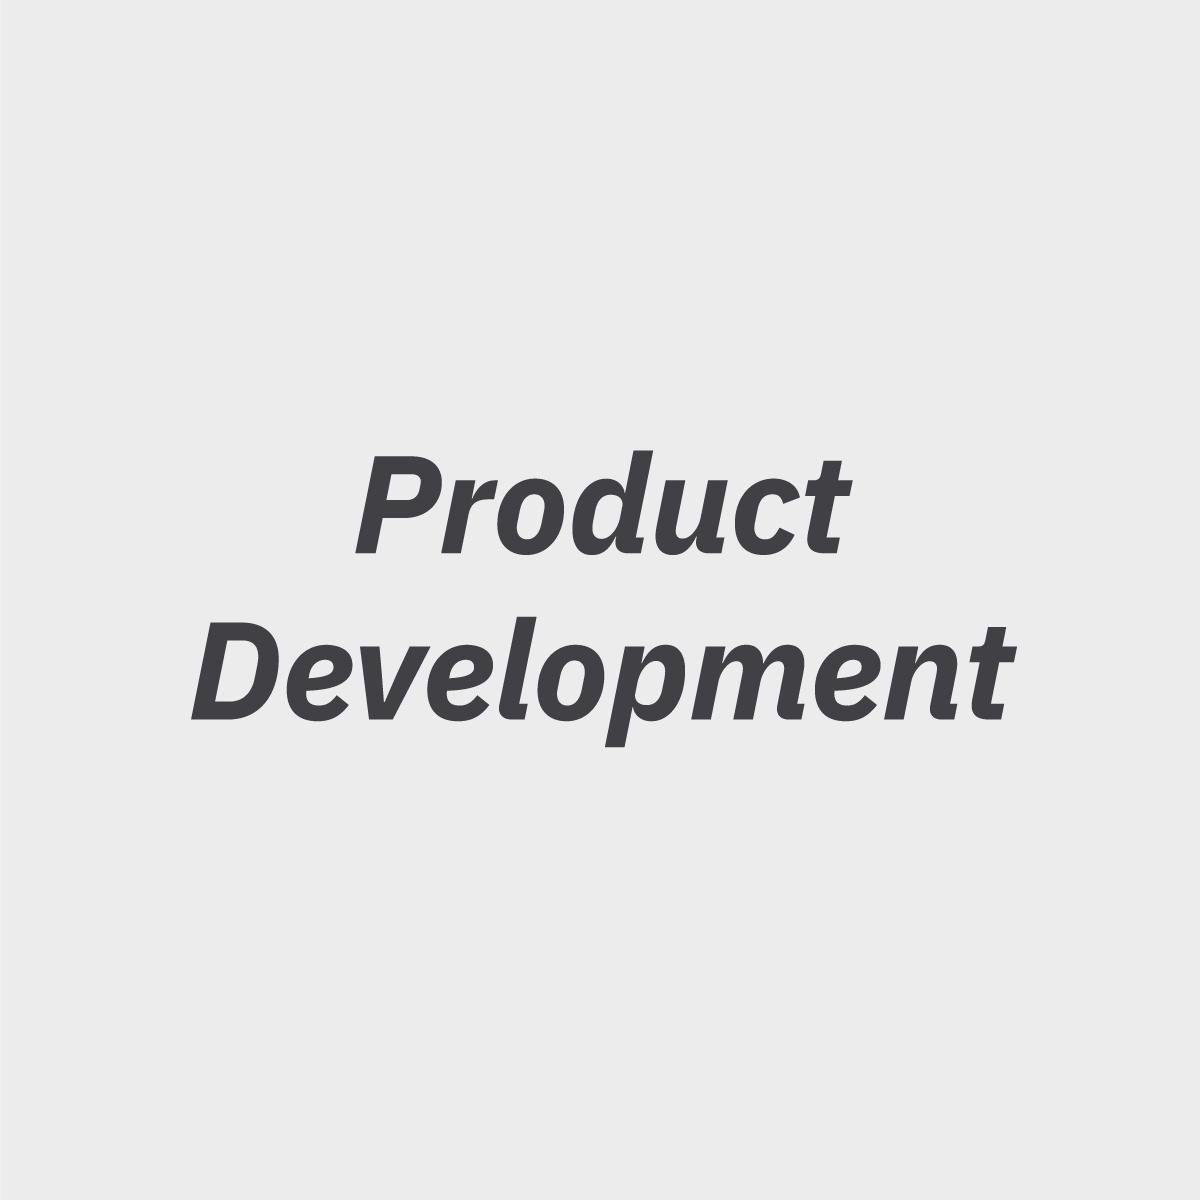 Get Dudley, Orlando, FL & New York, NY, Portfolio, Helene Dudley, Product Development